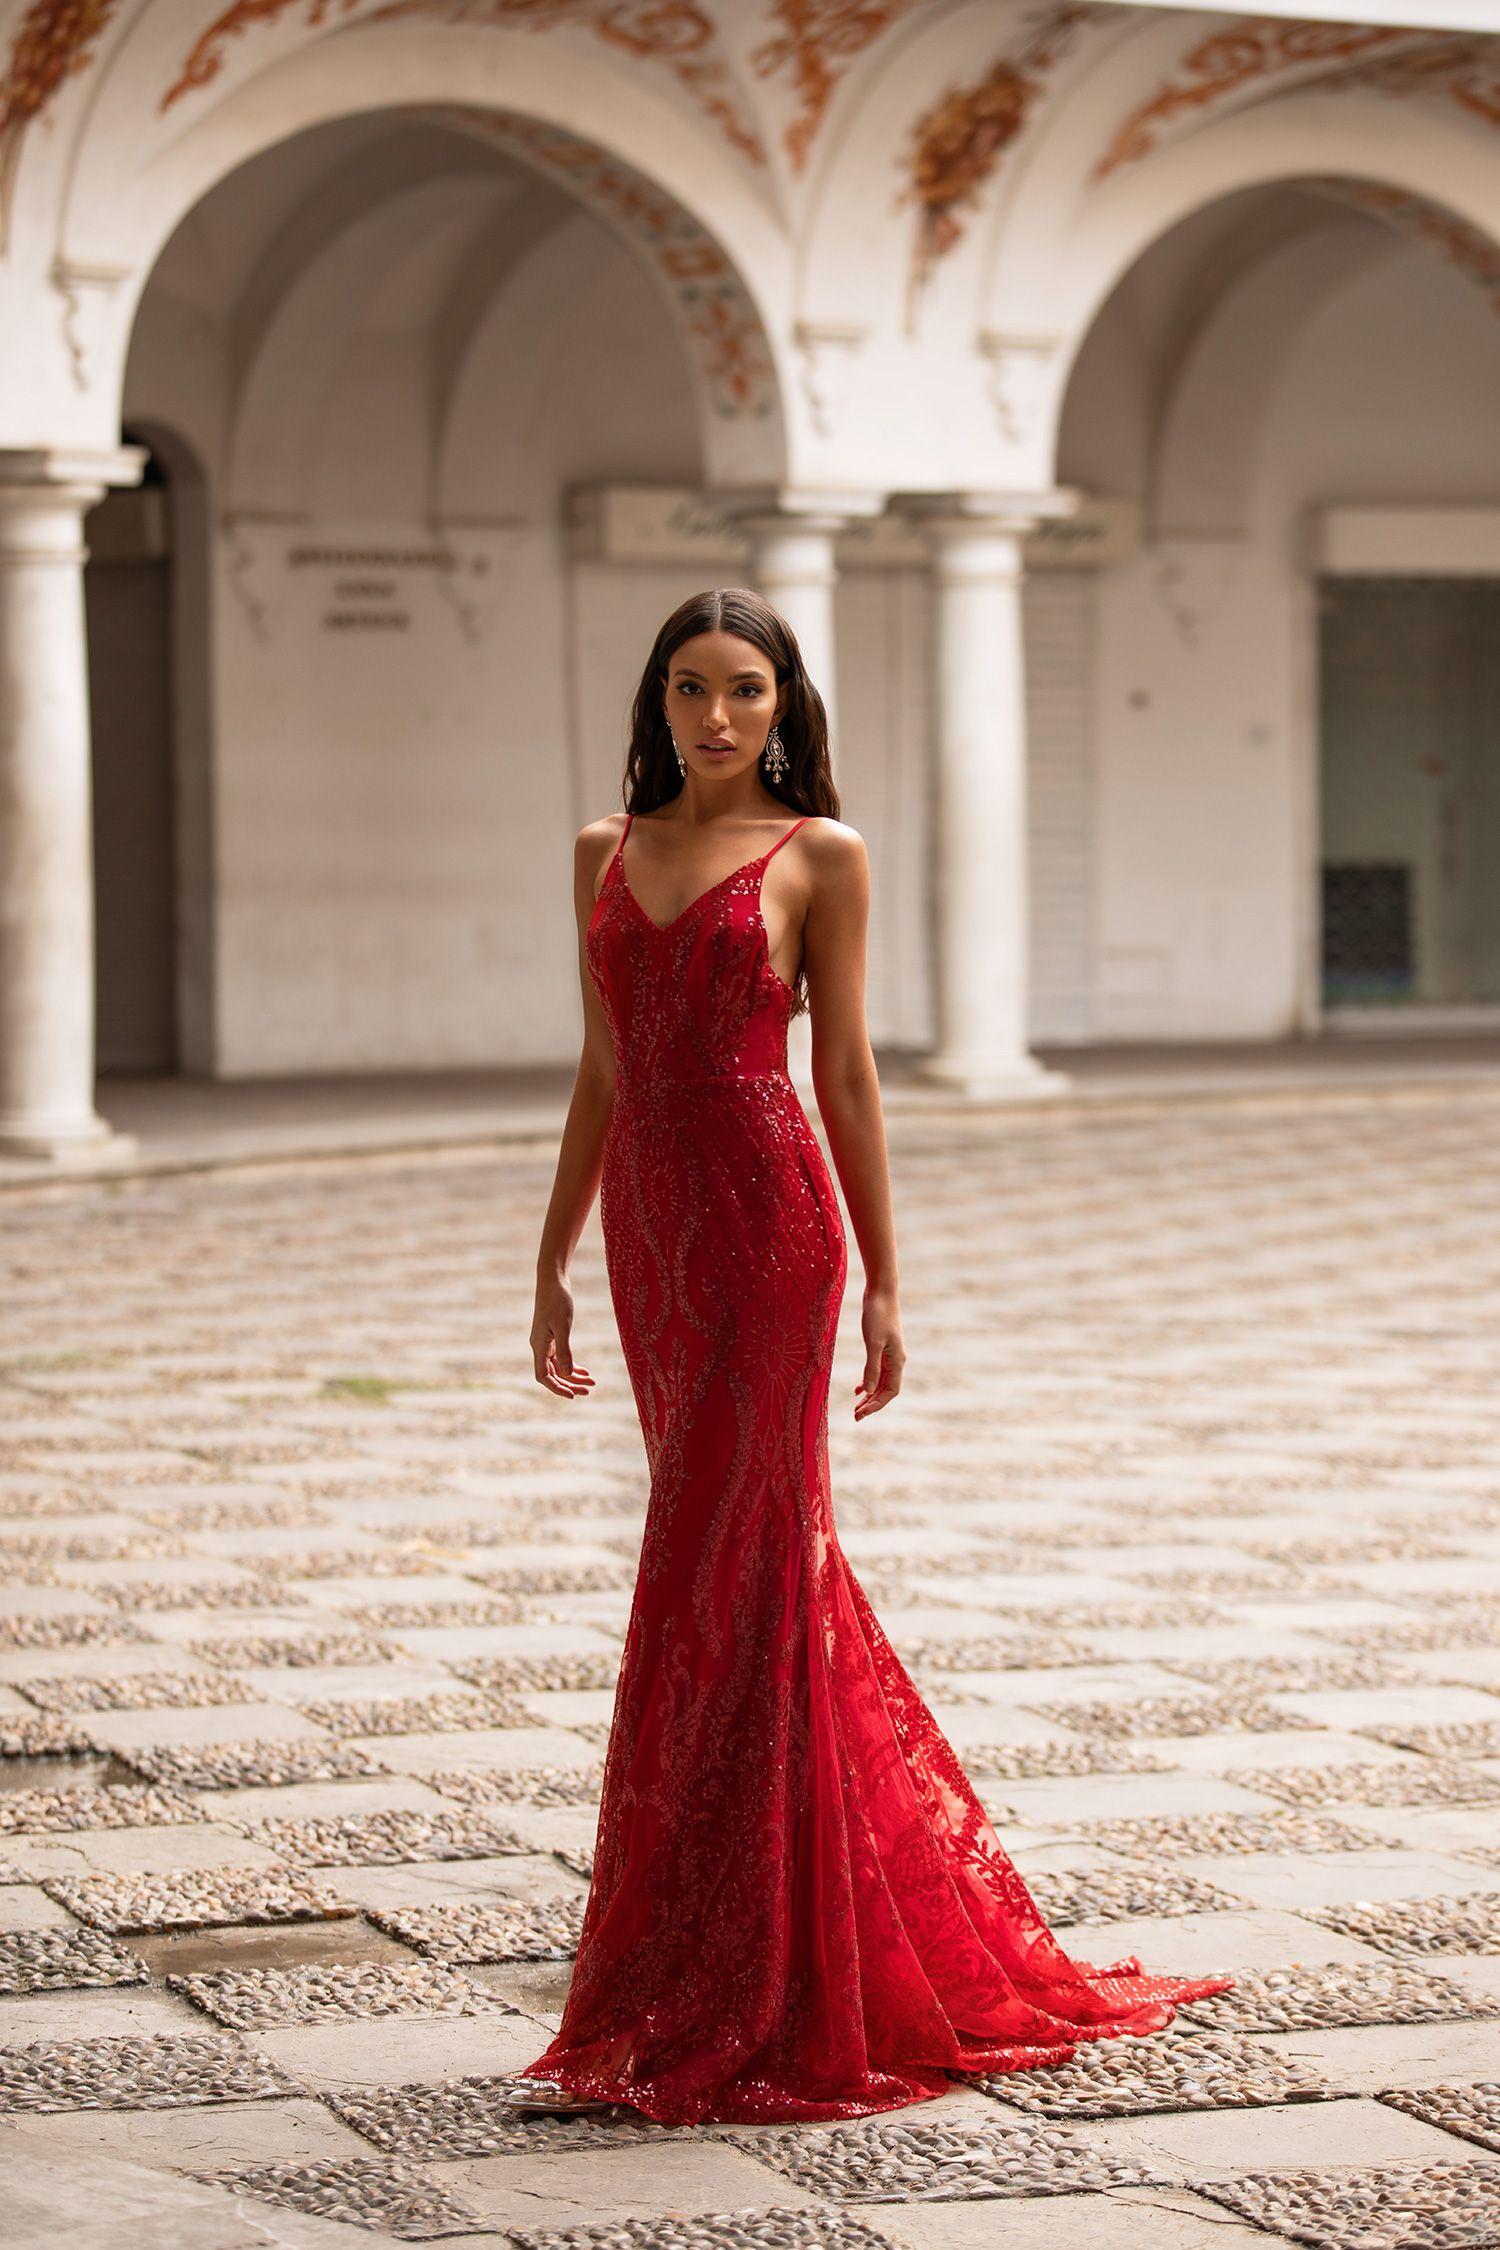 Rendira Sequin Gown Deep Red In 2020 Red Mermaid Dress Deep Red Dress Sequin Gown [ 2250 x 1500 Pixel ]